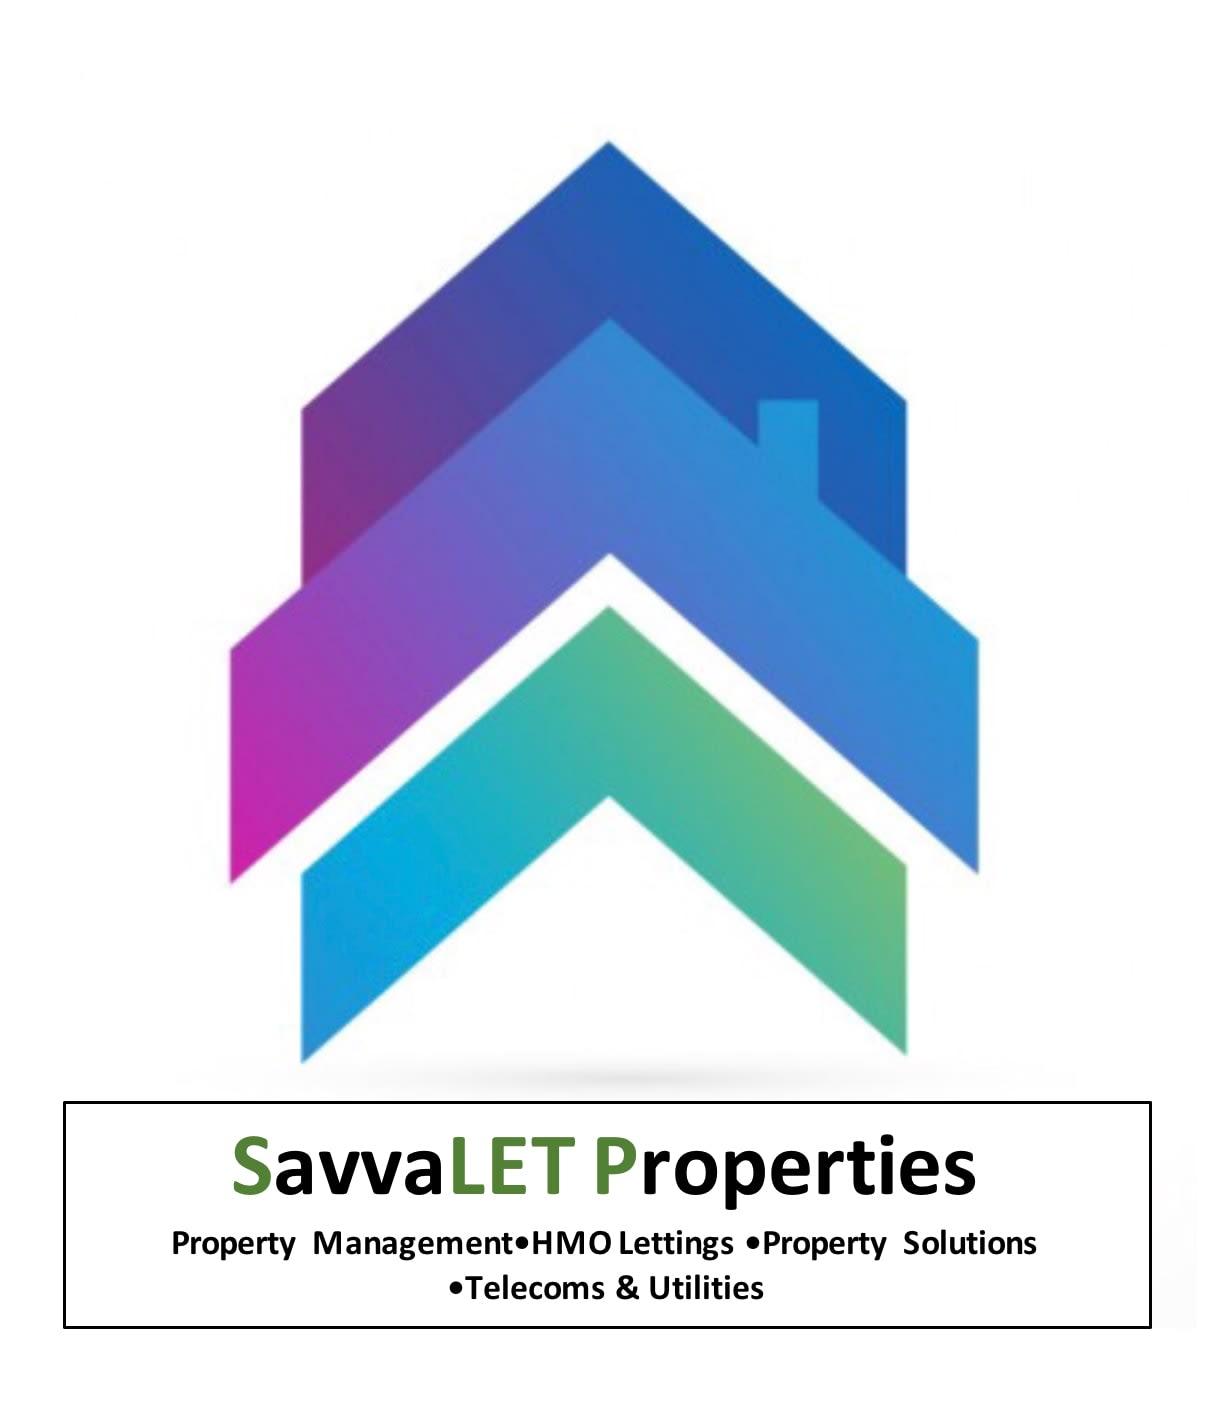 SavvaLET Properties